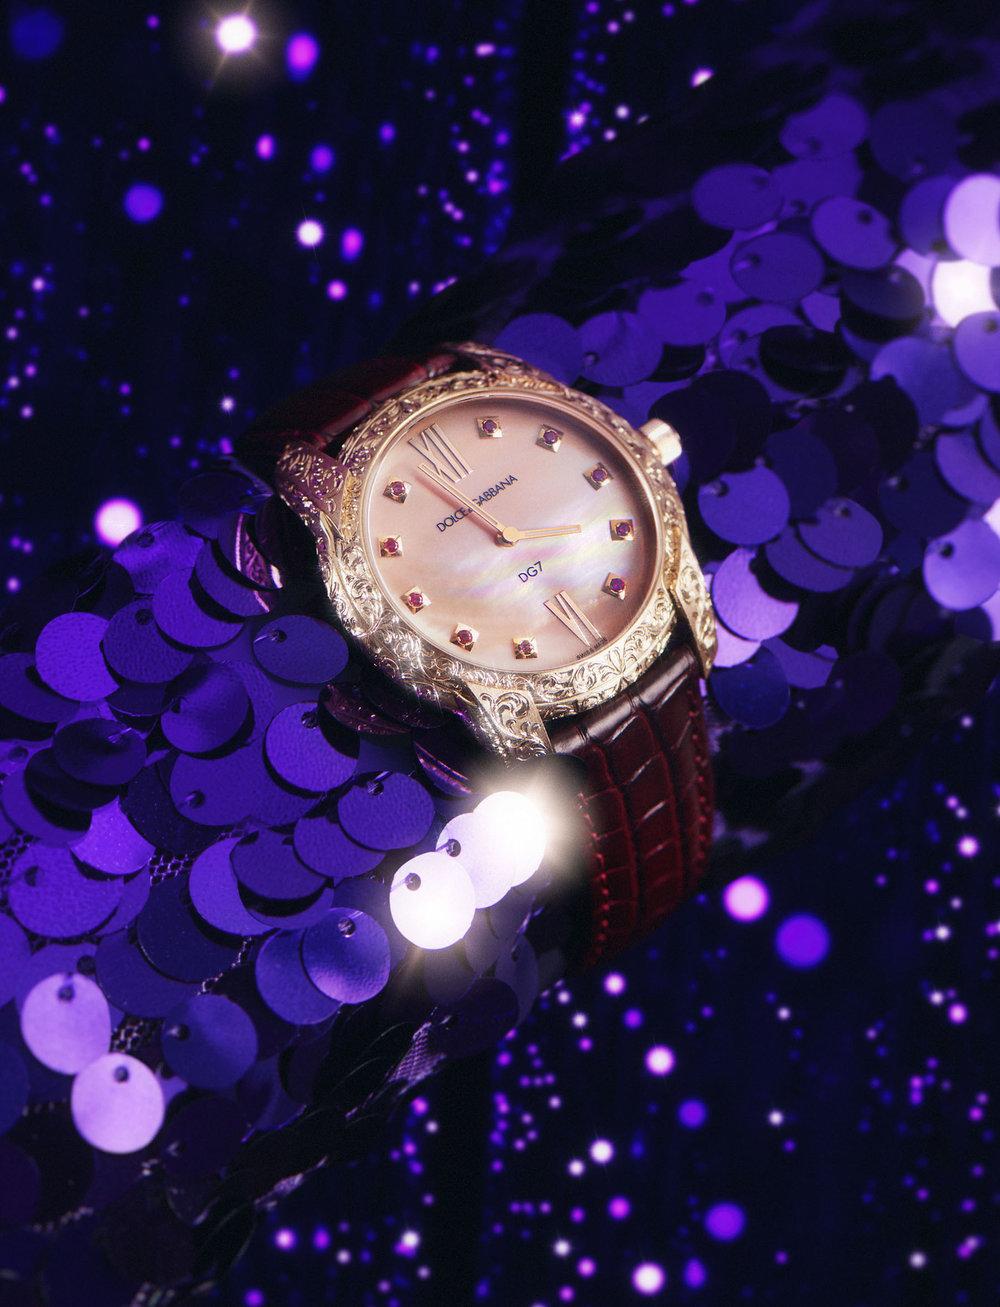 Luxure_DG_Sep18_Purple_Watch.jpg